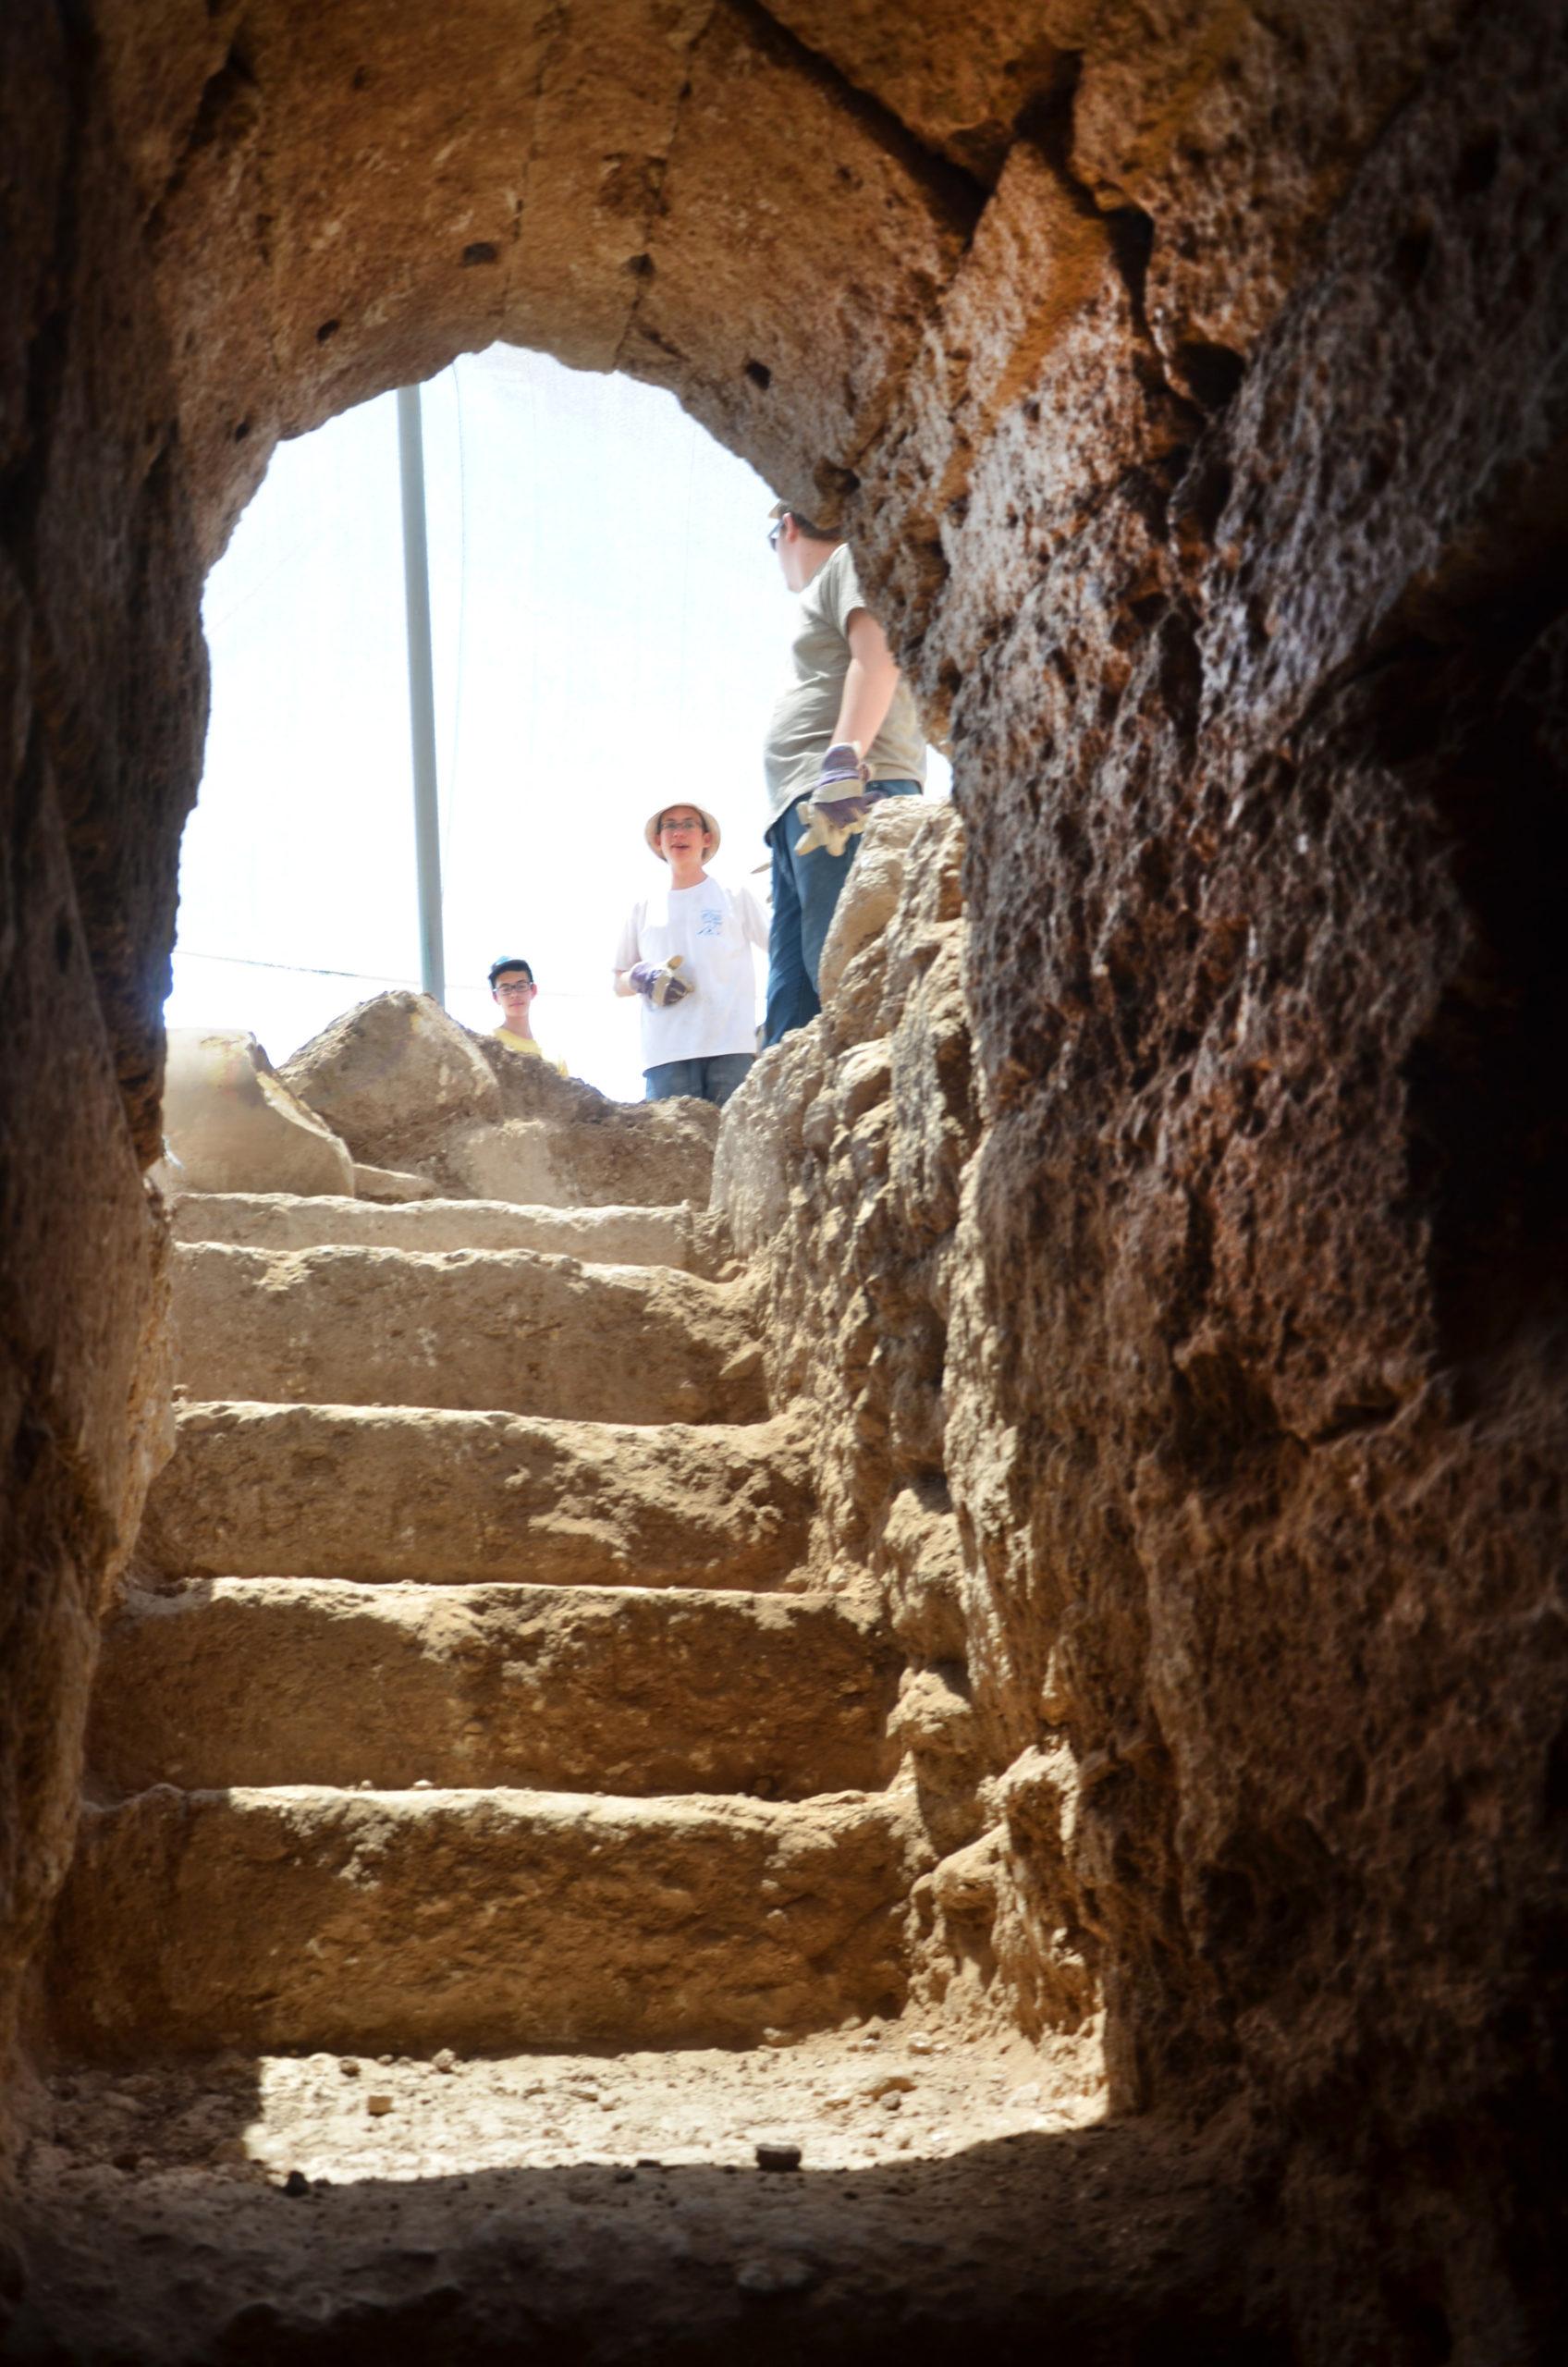 גרם המדרגות של הקריפטה – מבט מבפנים. צילום: יולי שוורץ